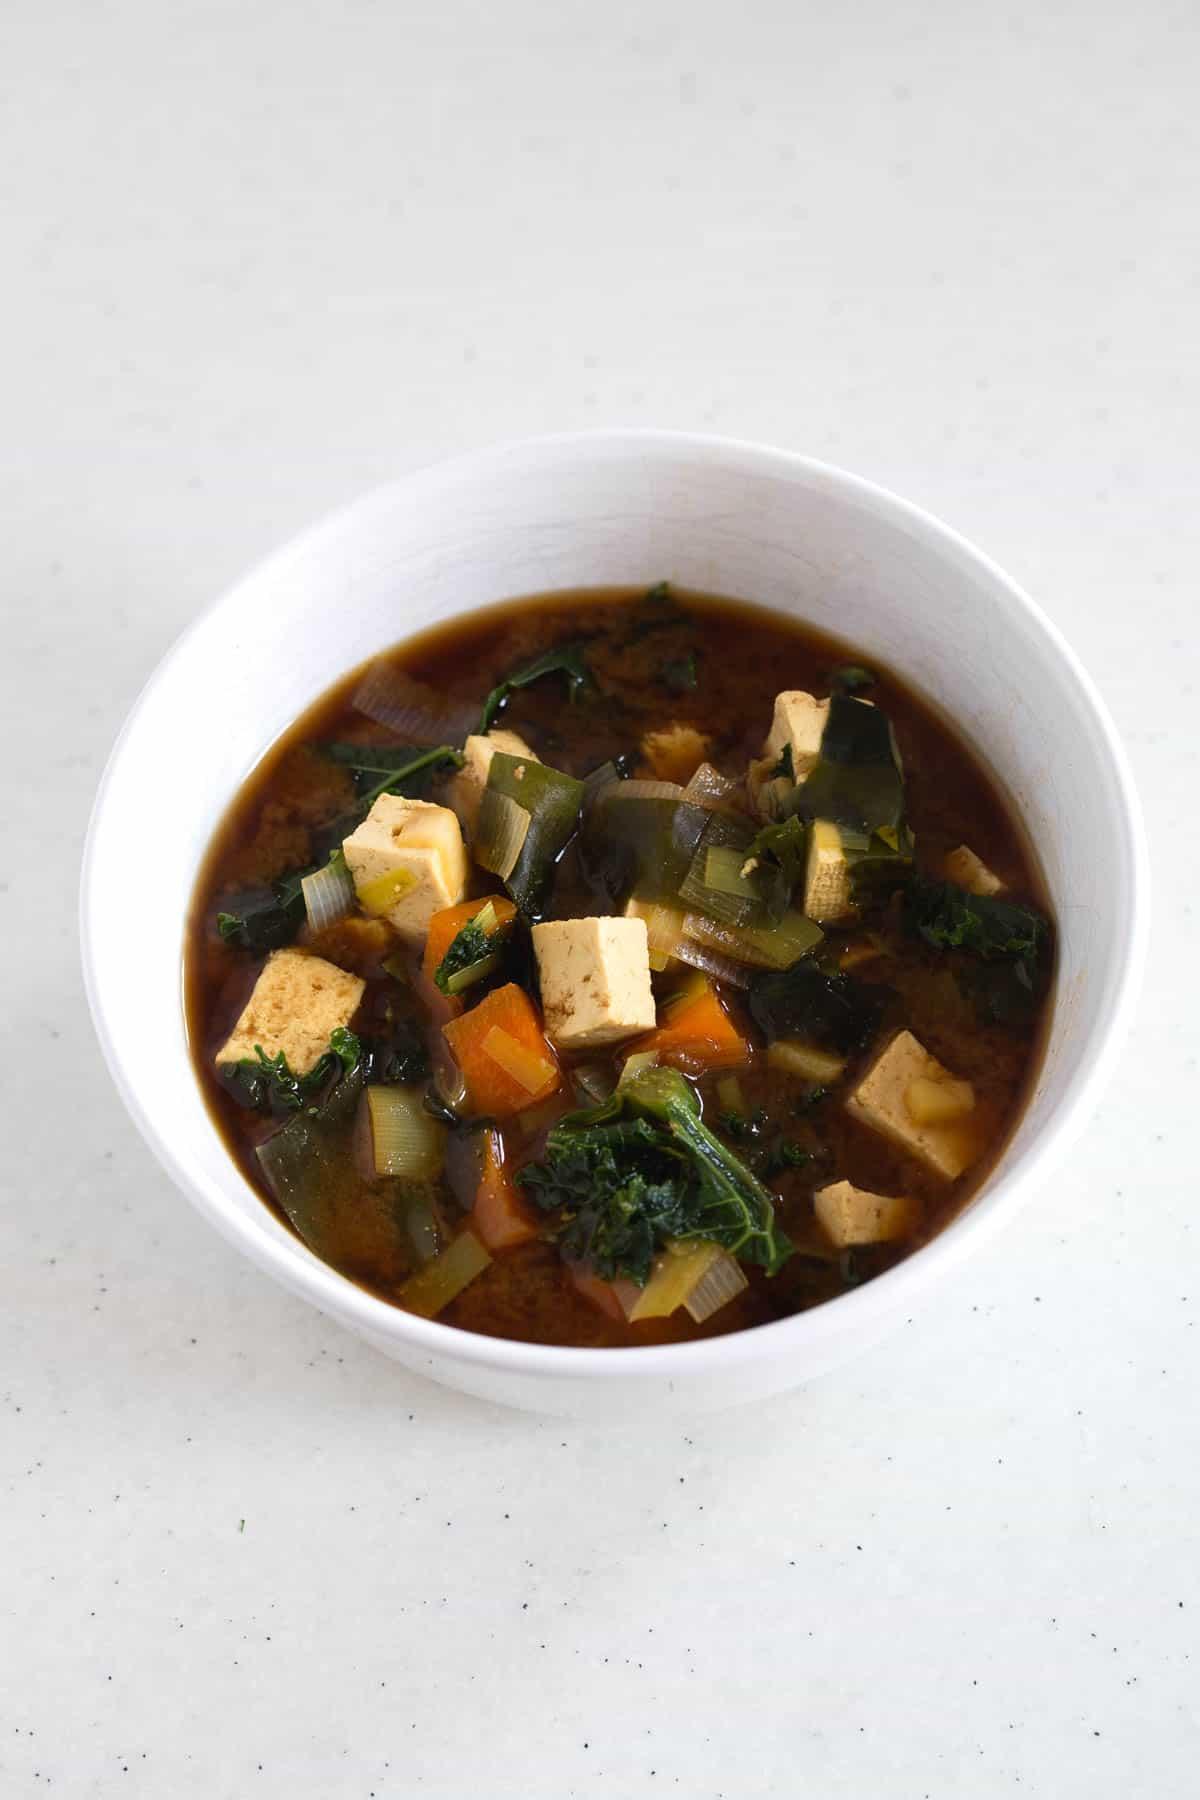 Sopa Miso Vegana Con Tofu y Kale - La sopa miso es una de nuestras preferidas y la que más preparamos en casa. Está lista en 15 minutos y es muy nutritiva.